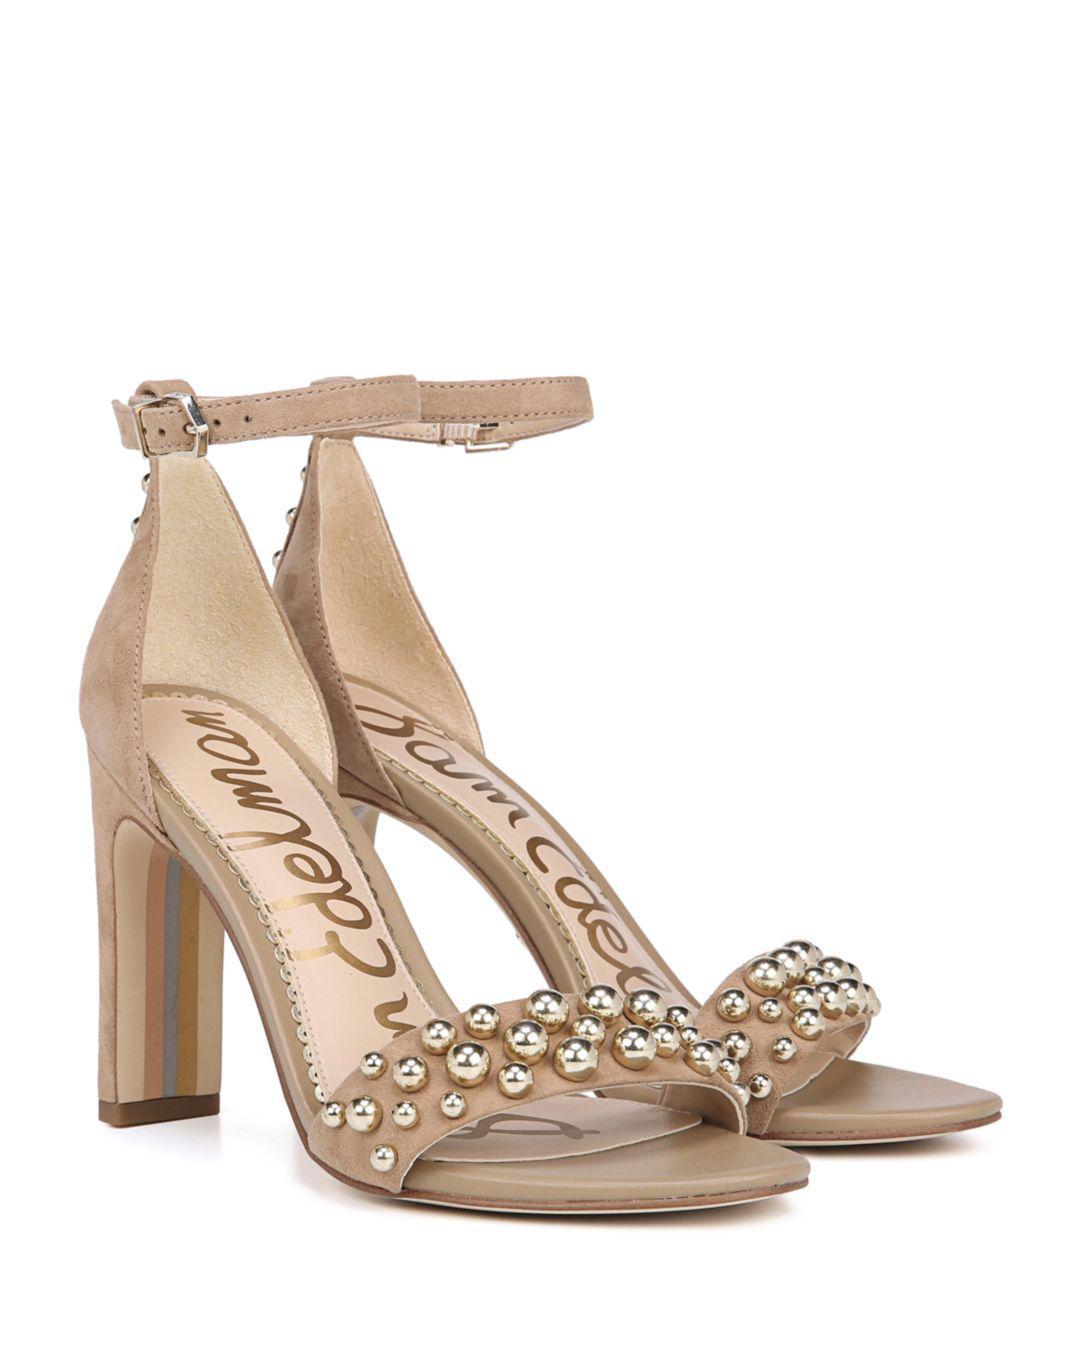 a312bd52d Sam Edelman - Natural Women s Yoshi Open Toe Studded Suede High-heel Sandals  - Lyst. View fullscreen